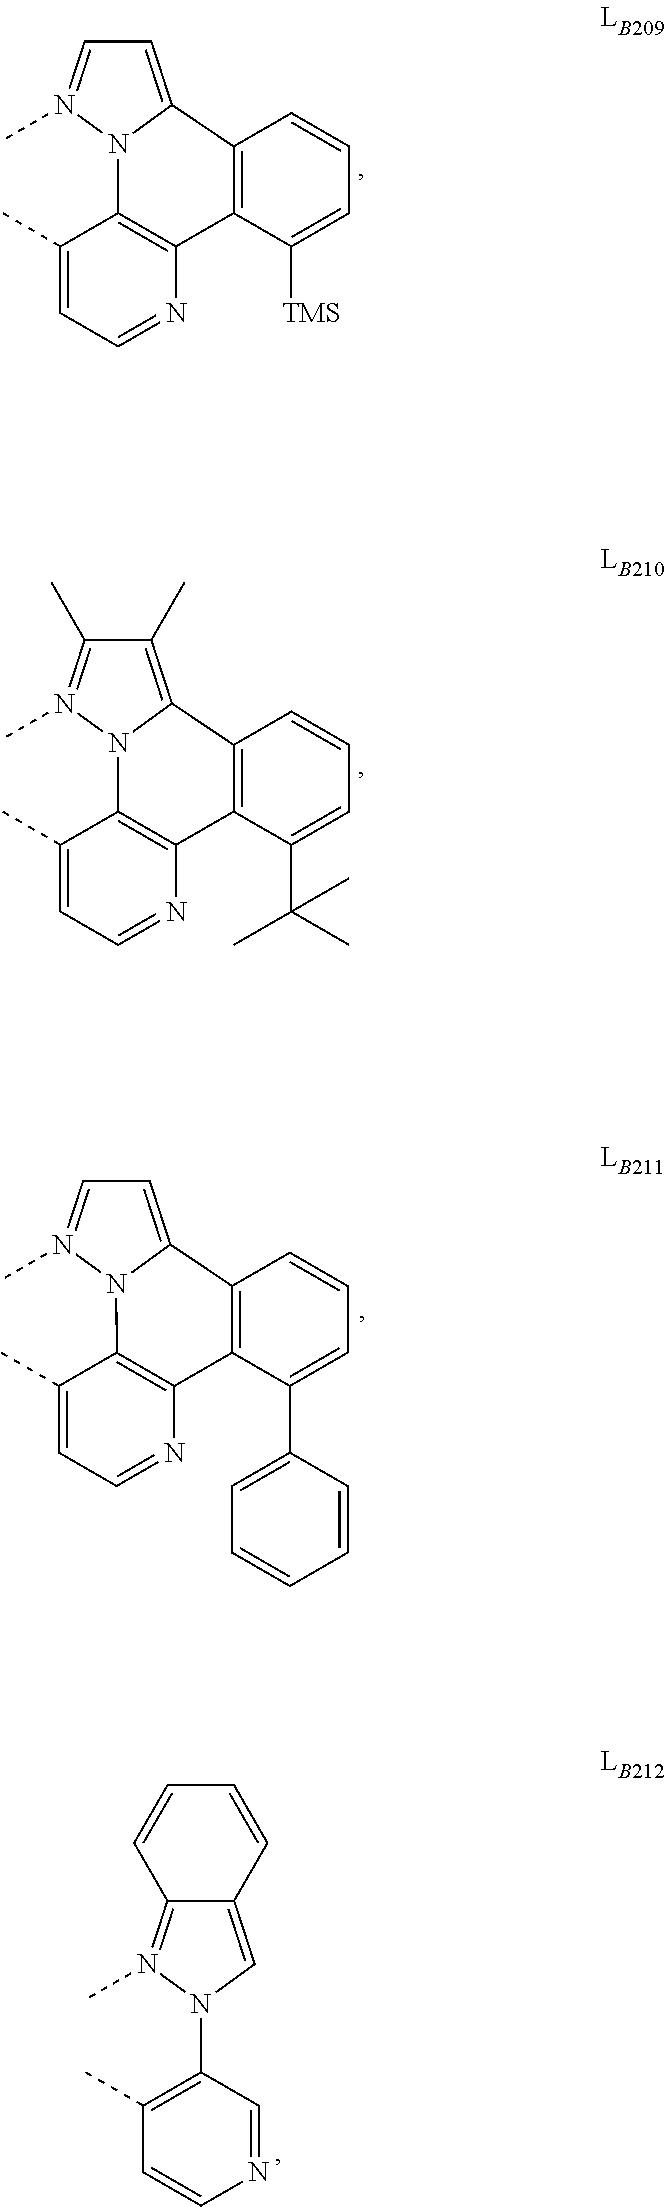 Figure US09905785-20180227-C00151